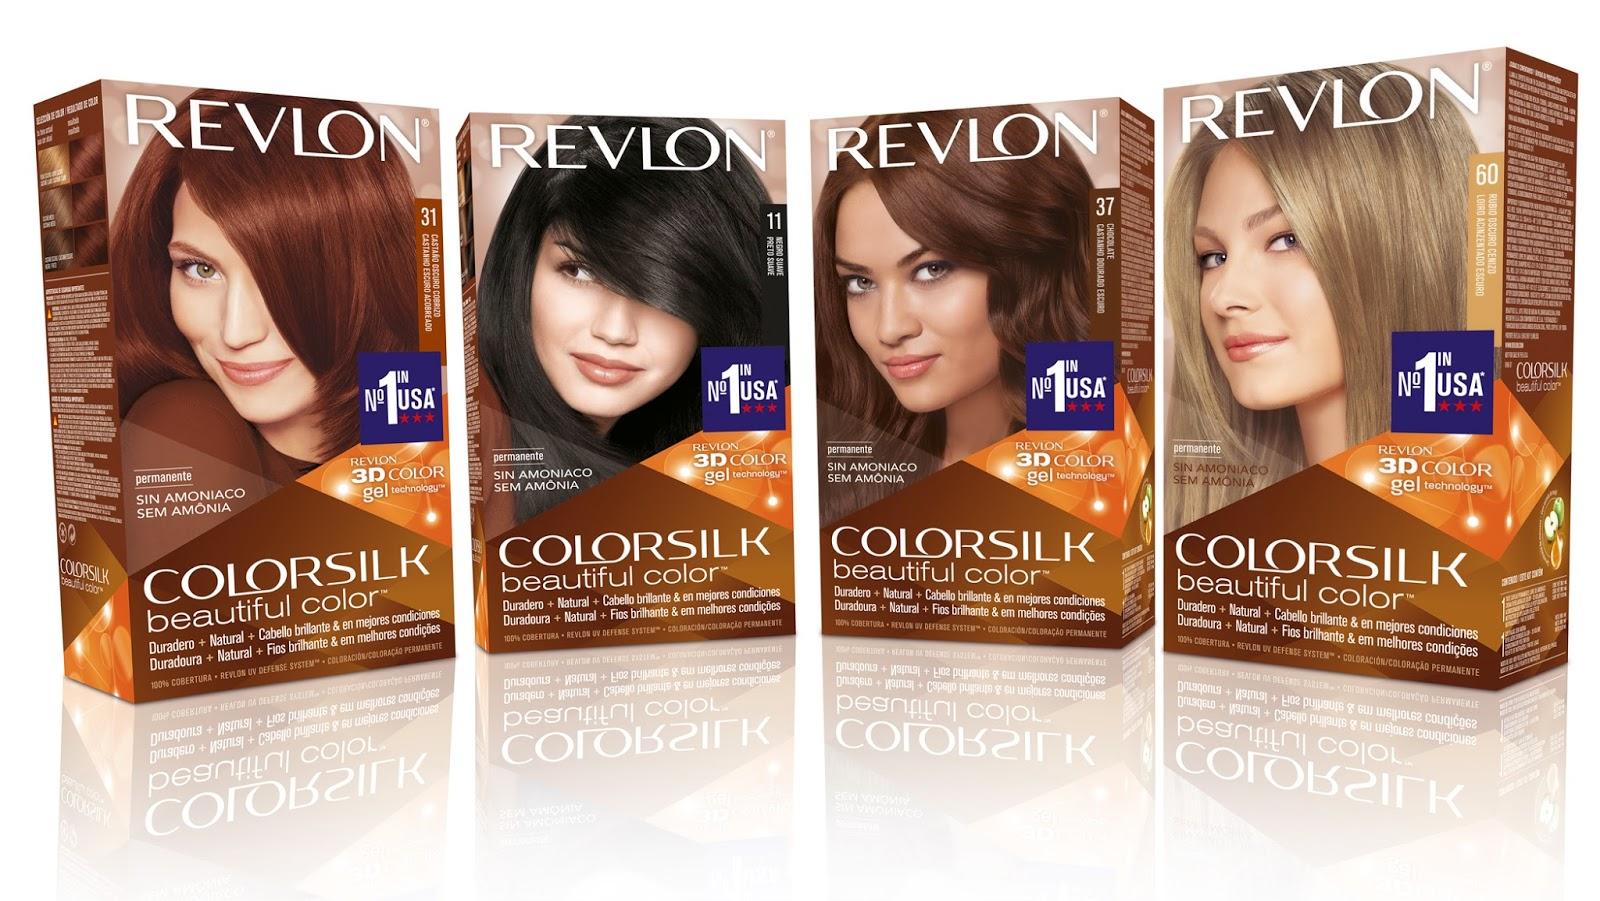 Tus Secretos de Belleza: Cambio de look con ColorSilk de Revlon